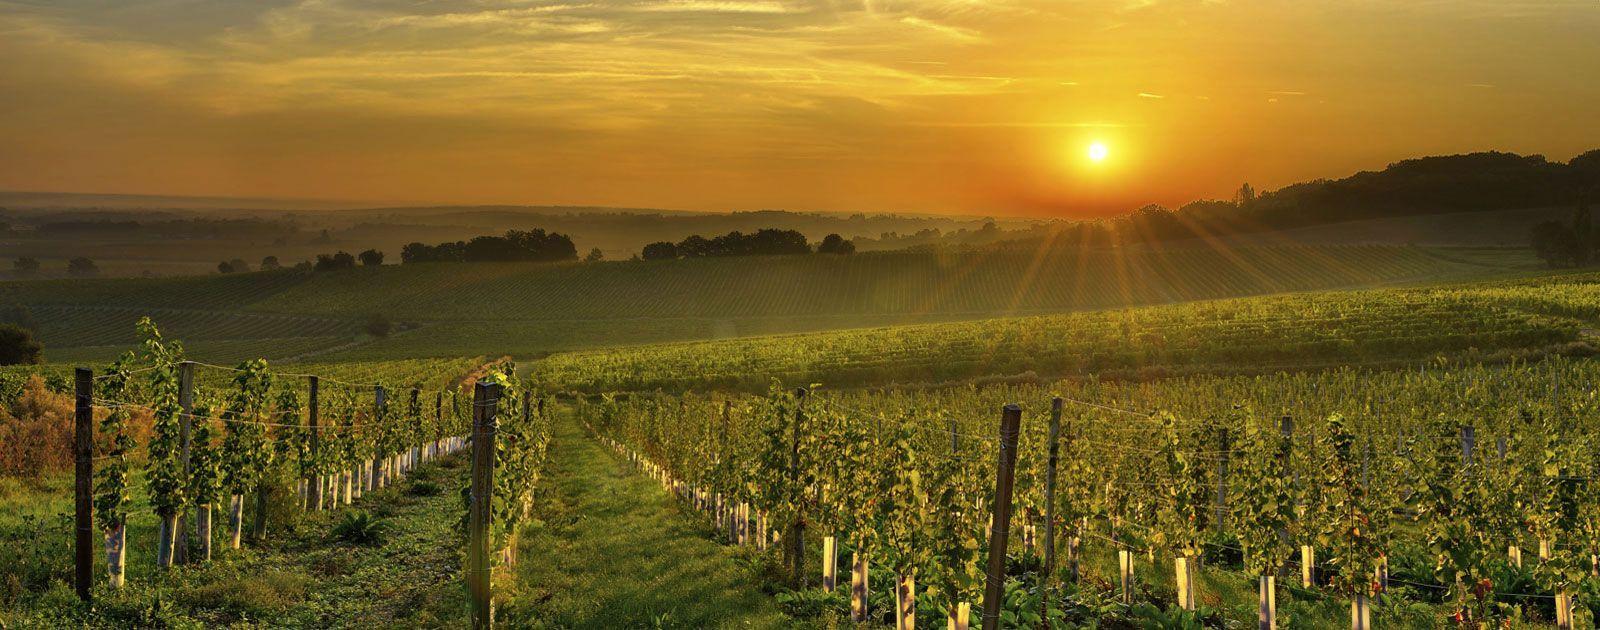 Allegretto vineyard resort paso robles california